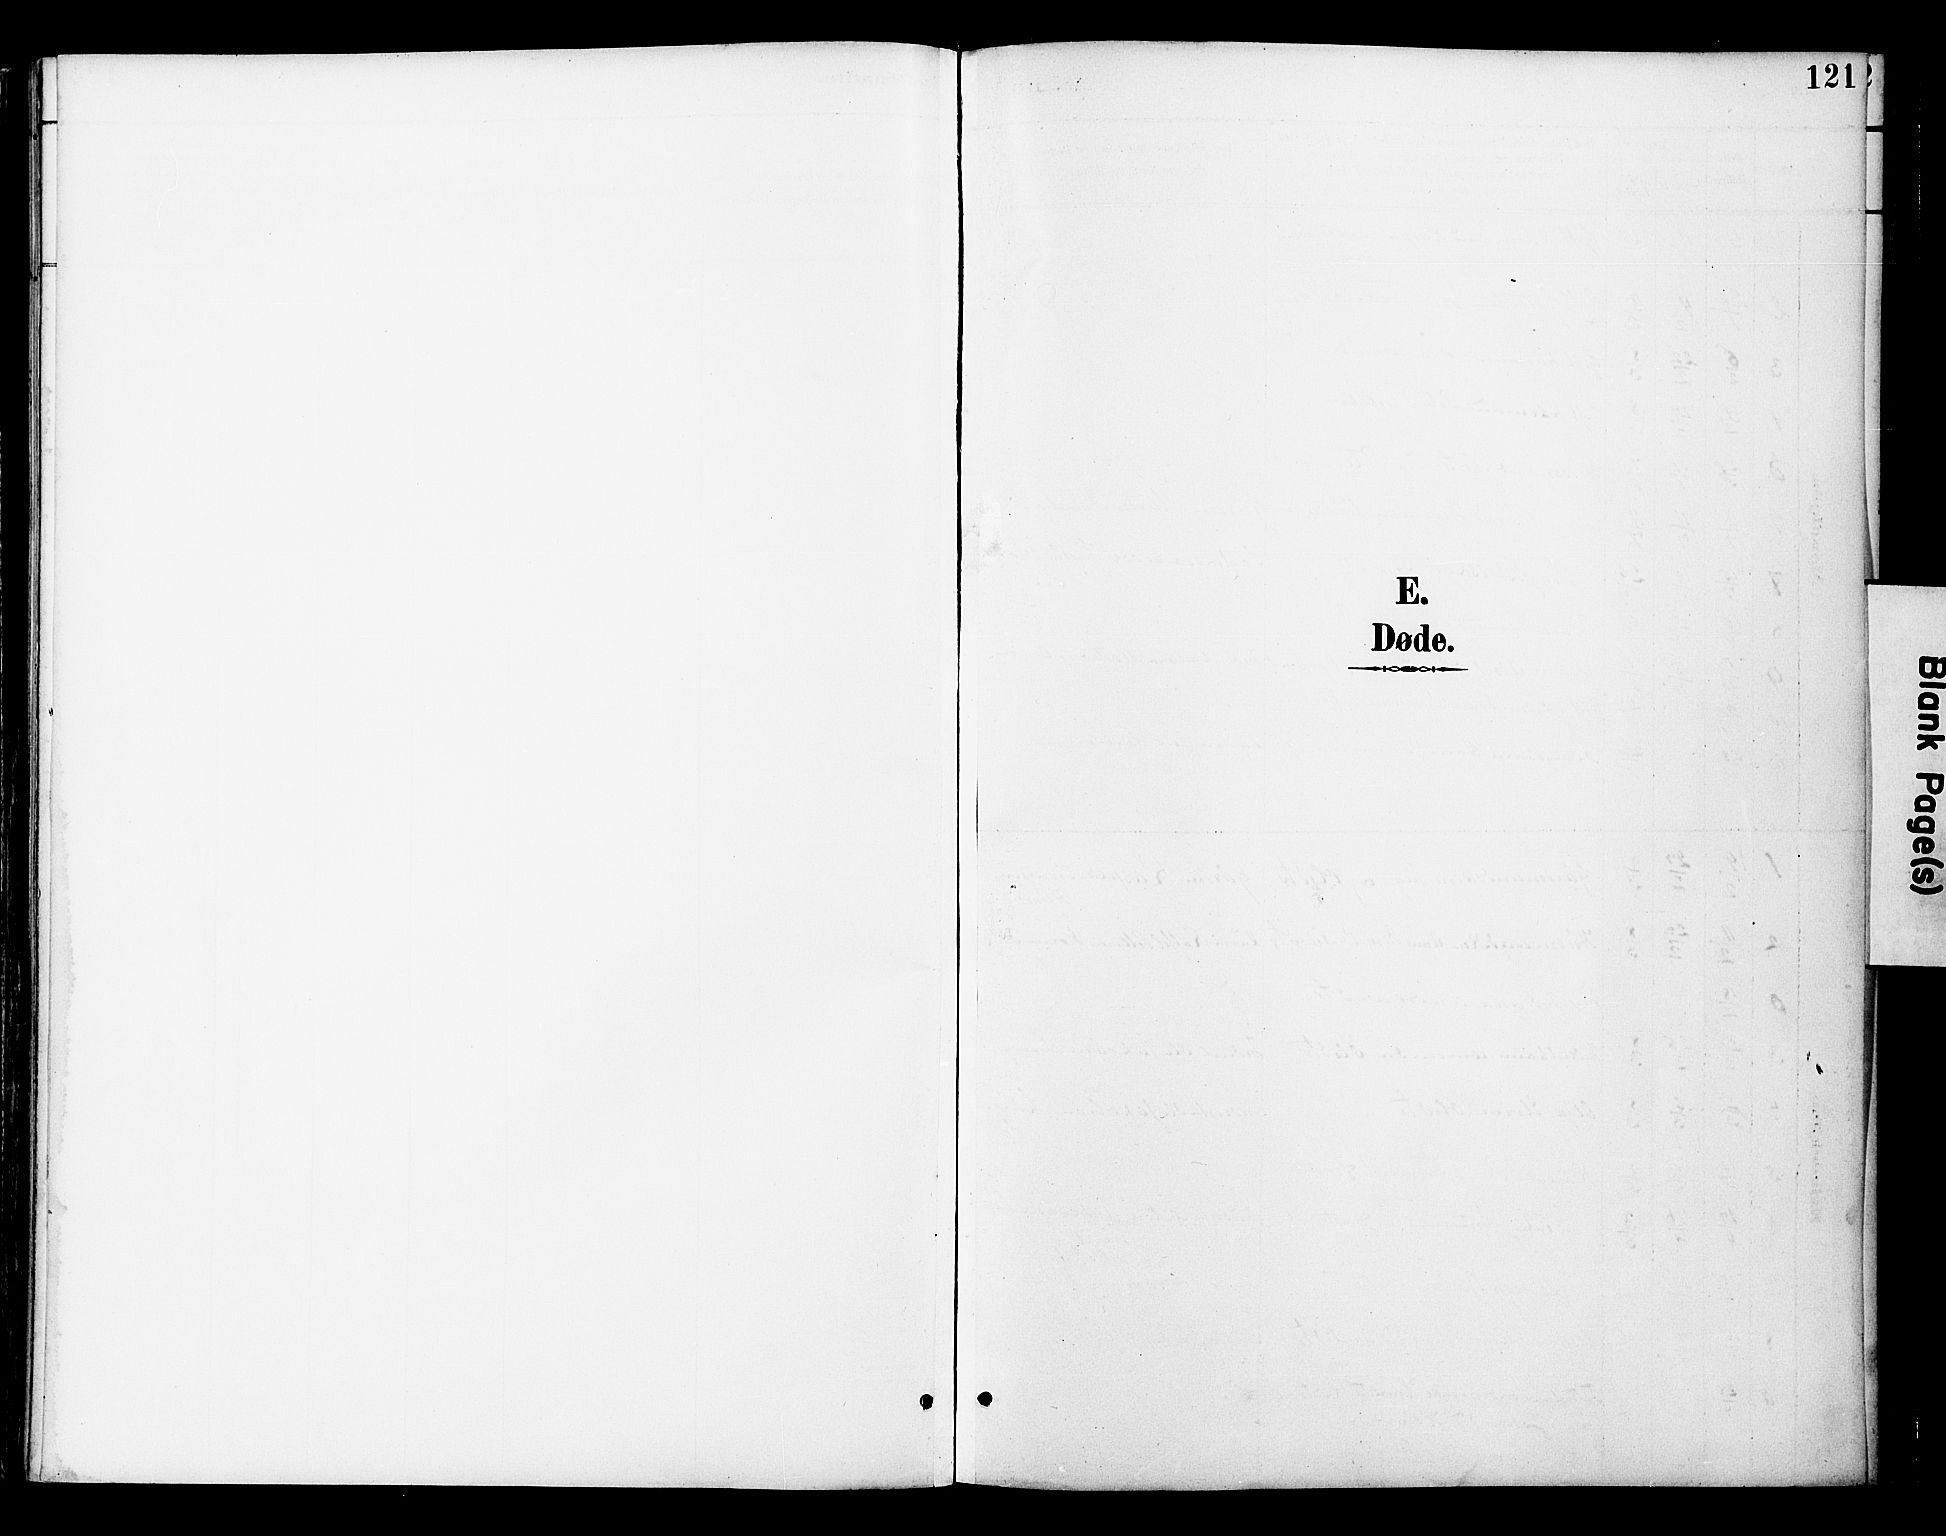 SAT, Ministerialprotokoller, klokkerbøker og fødselsregistre - Nord-Trøndelag, 742/L0409: Ministerialbok nr. 742A02, 1891-1905, s. 121